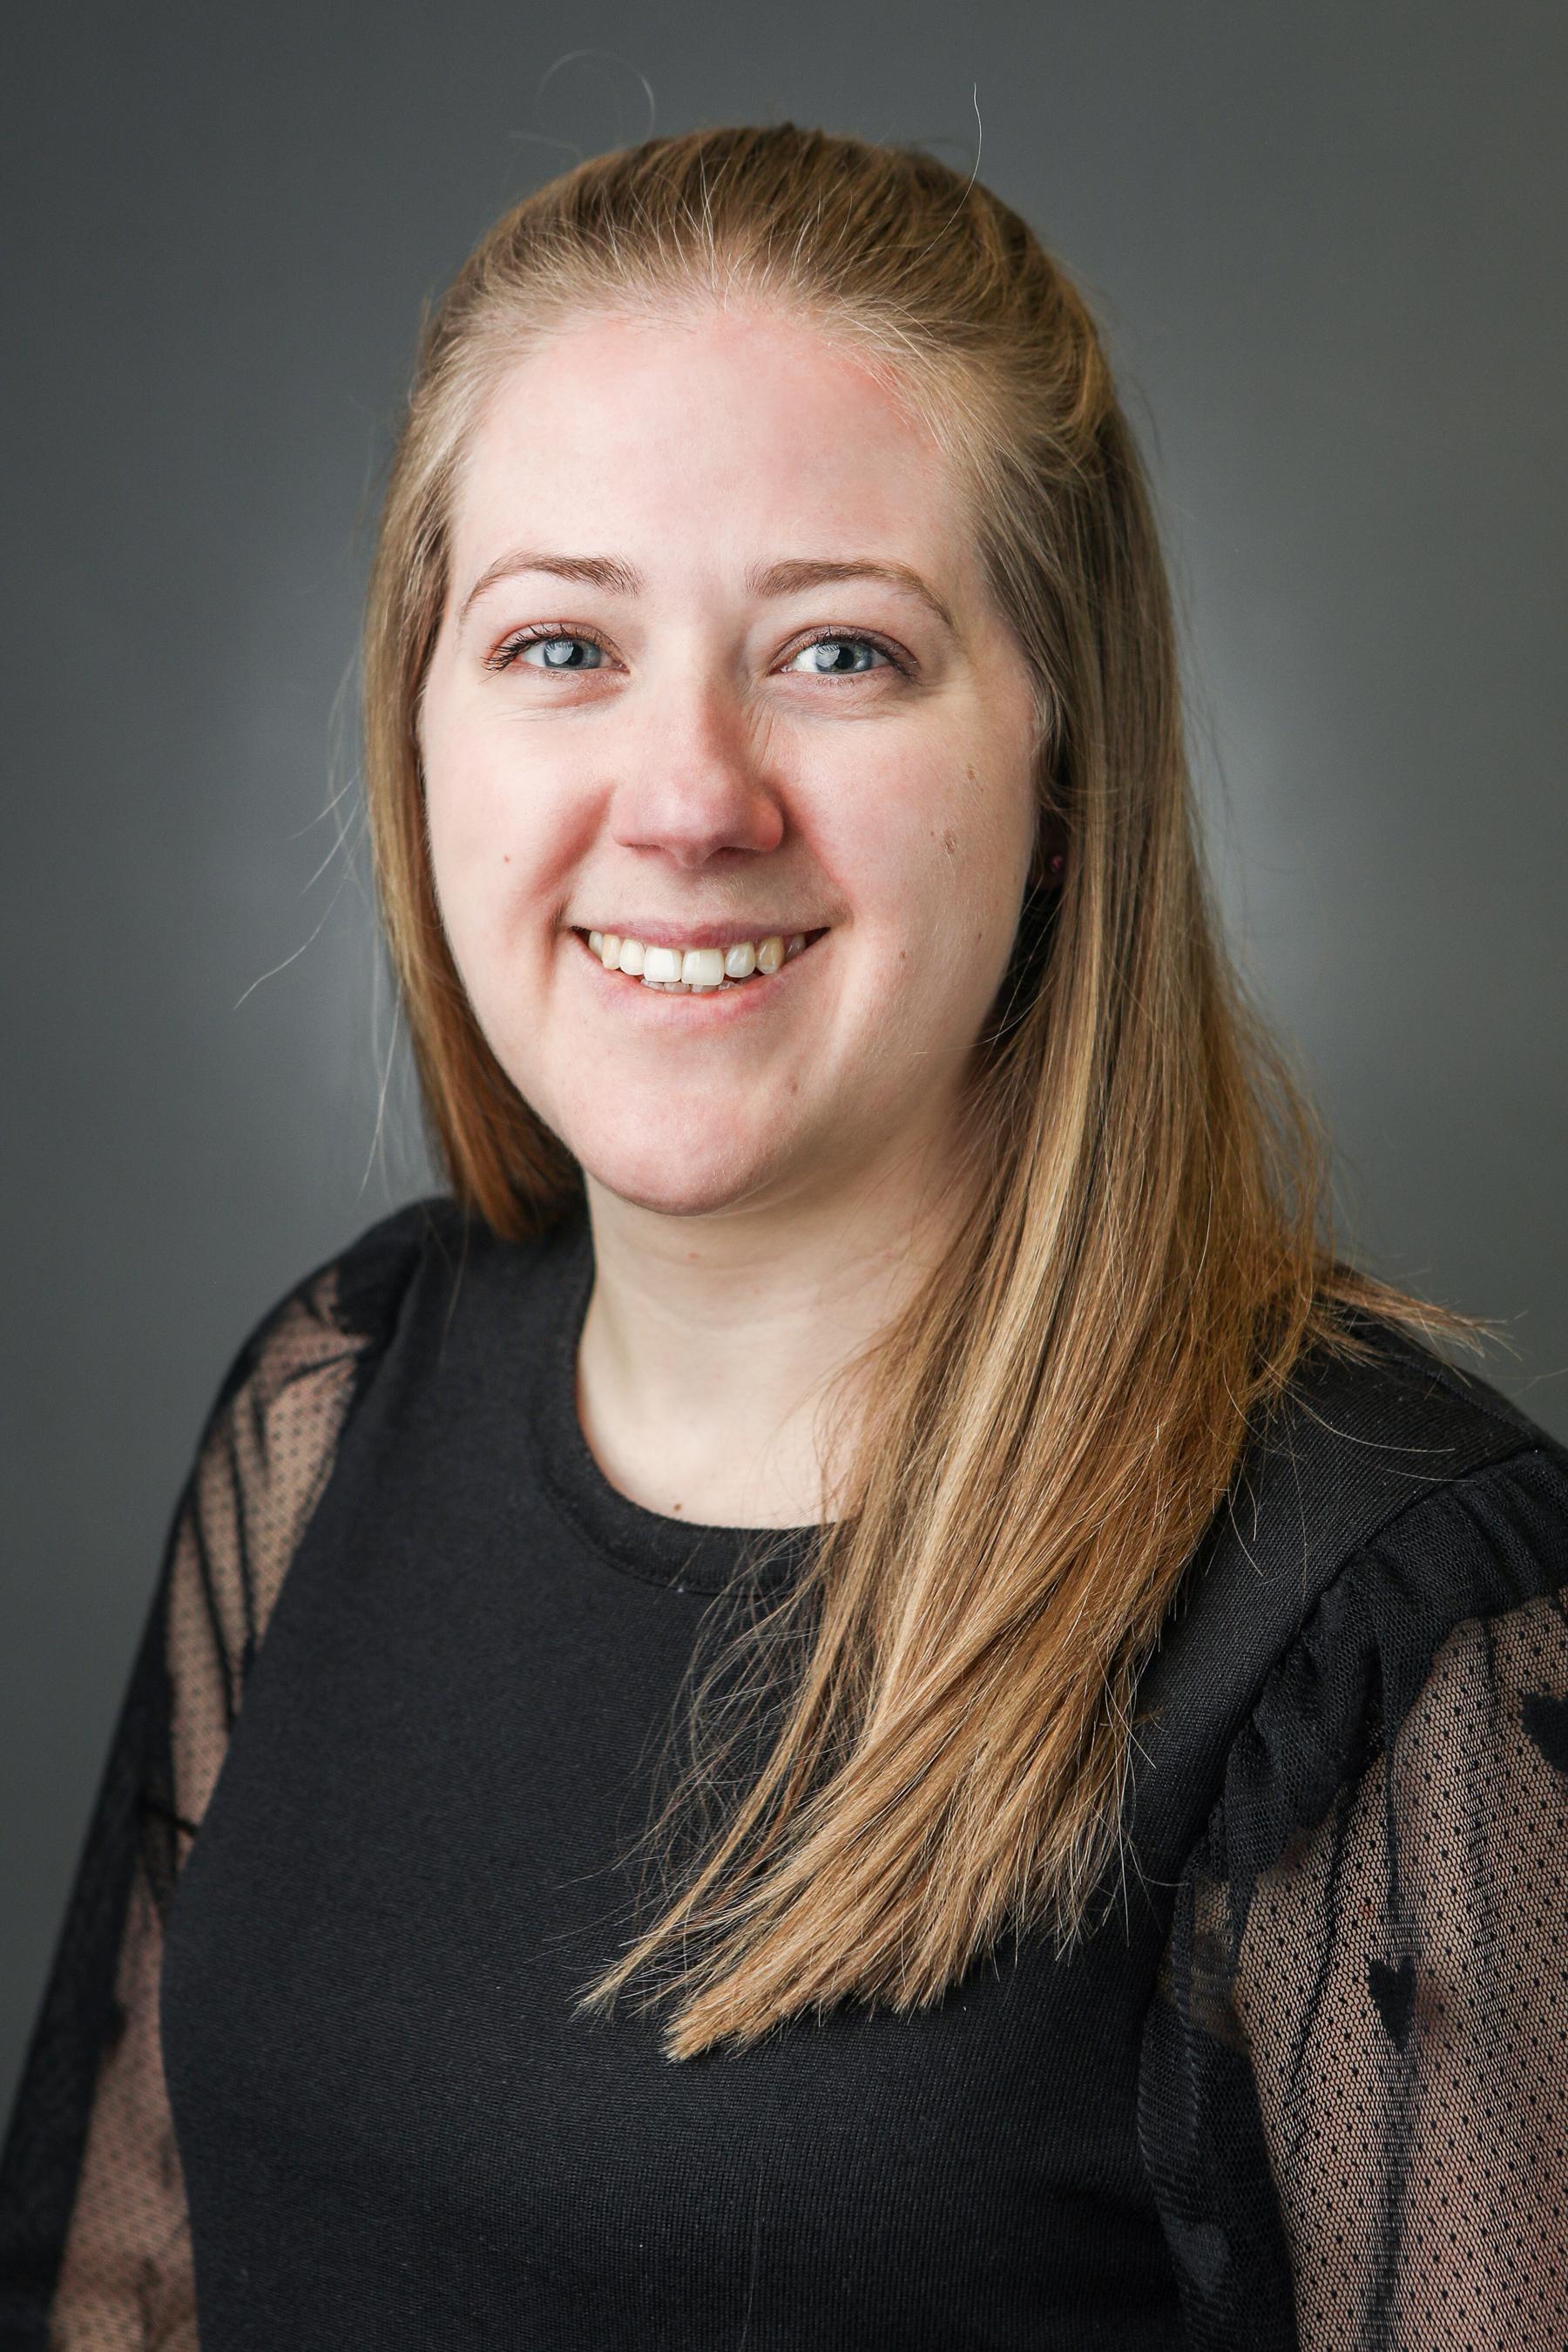 Amy Gratton